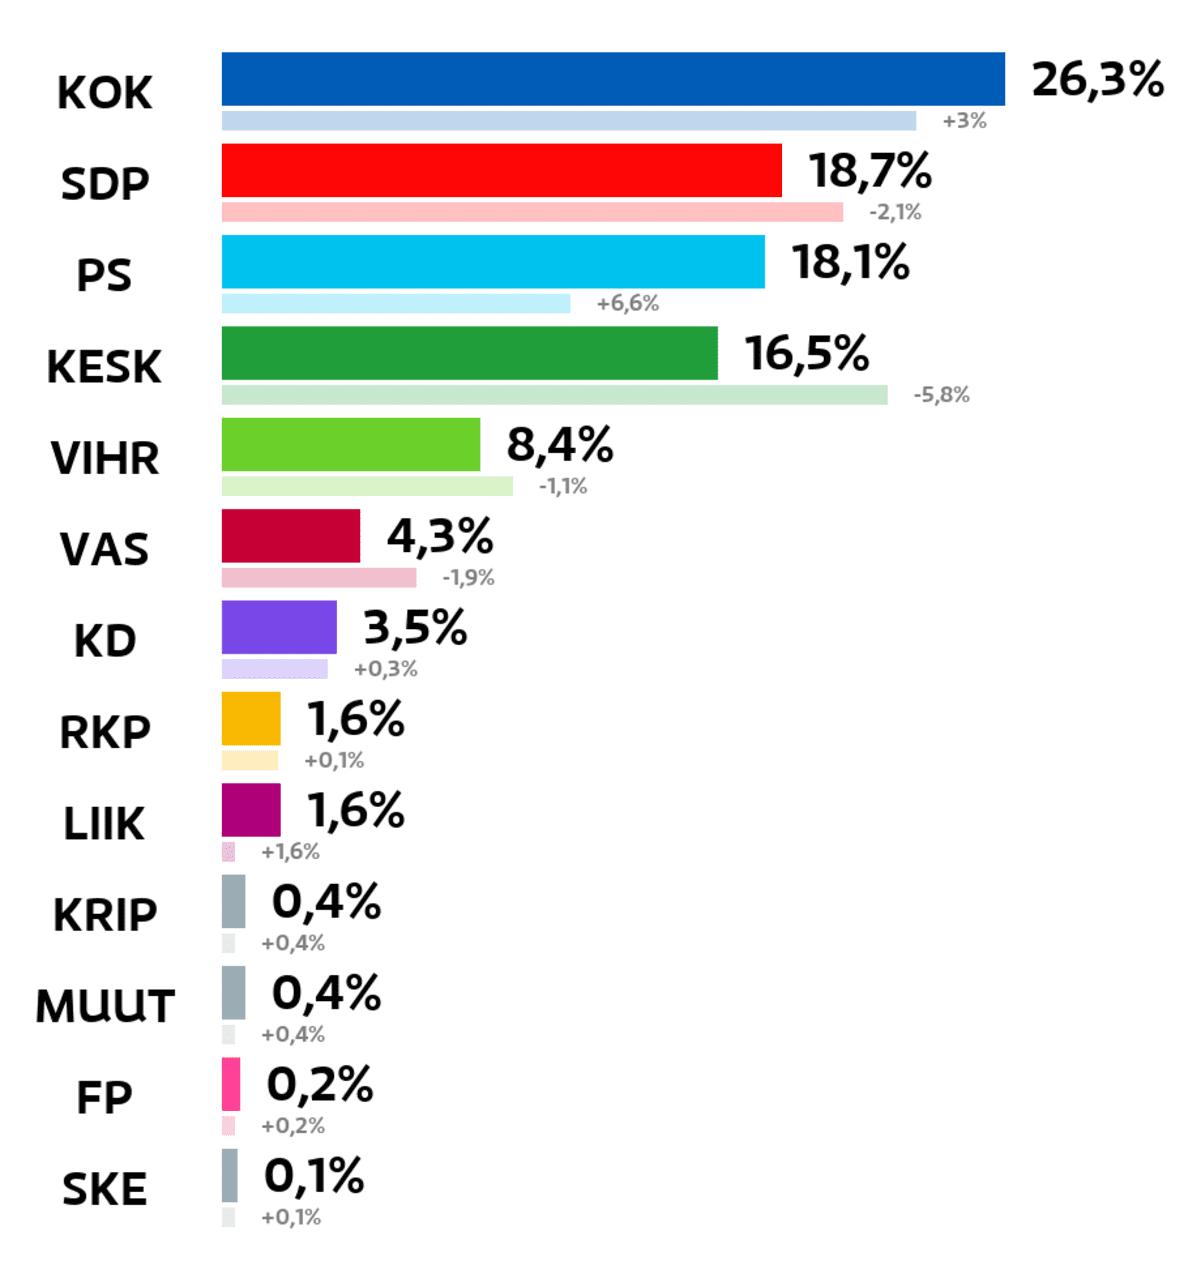 Vihti: Kuntavaalien tulos (%) Kokoomus: 26,3 prosenttia SDP: 18,7 prosenttia Perussuomalaiset: 18,1 prosenttia Keskusta: 16,5 prosenttia Vihreät: 8,4 prosenttia Vasemmistoliitto: 4,3 prosenttia Kristillisdemokraatit: 3,5 prosenttia RKP: 1,6 prosenttia Liike Nyt: 1,6 prosenttia Kristallipuolue: 0,4 prosenttia Muut ryhmät: 0,4 prosenttia Feministinen puolue: 0,2 prosenttia Suomen Kansa Ensin: 0,1 prosenttia